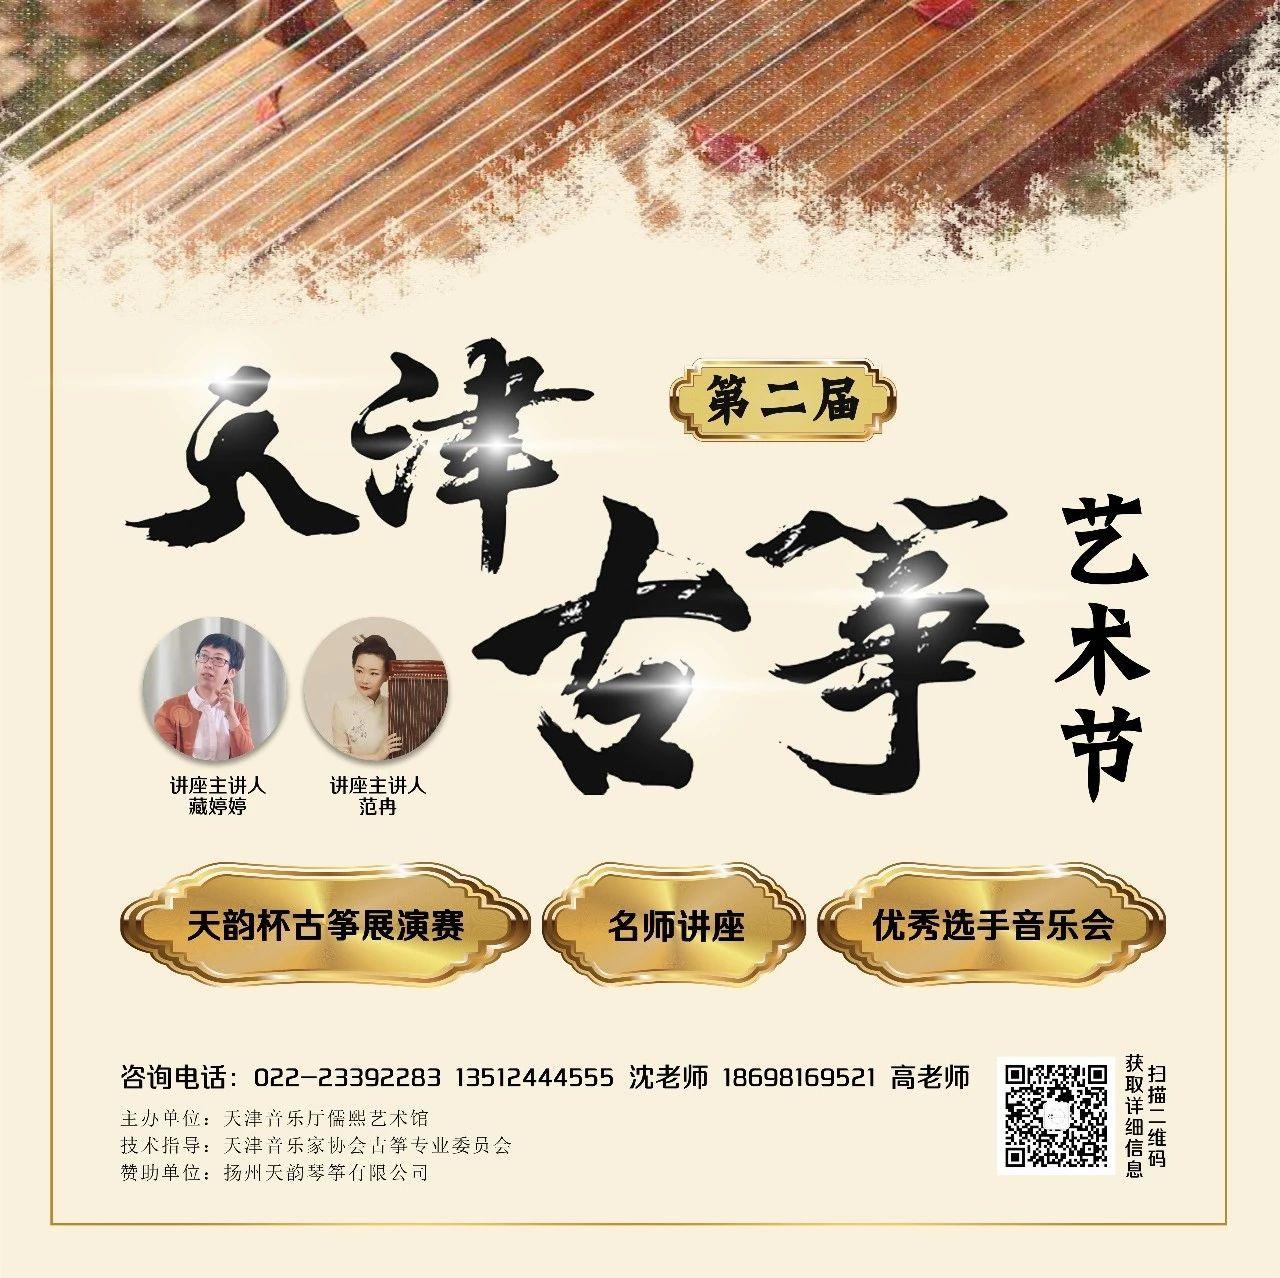 第二届天津古筝艺术节